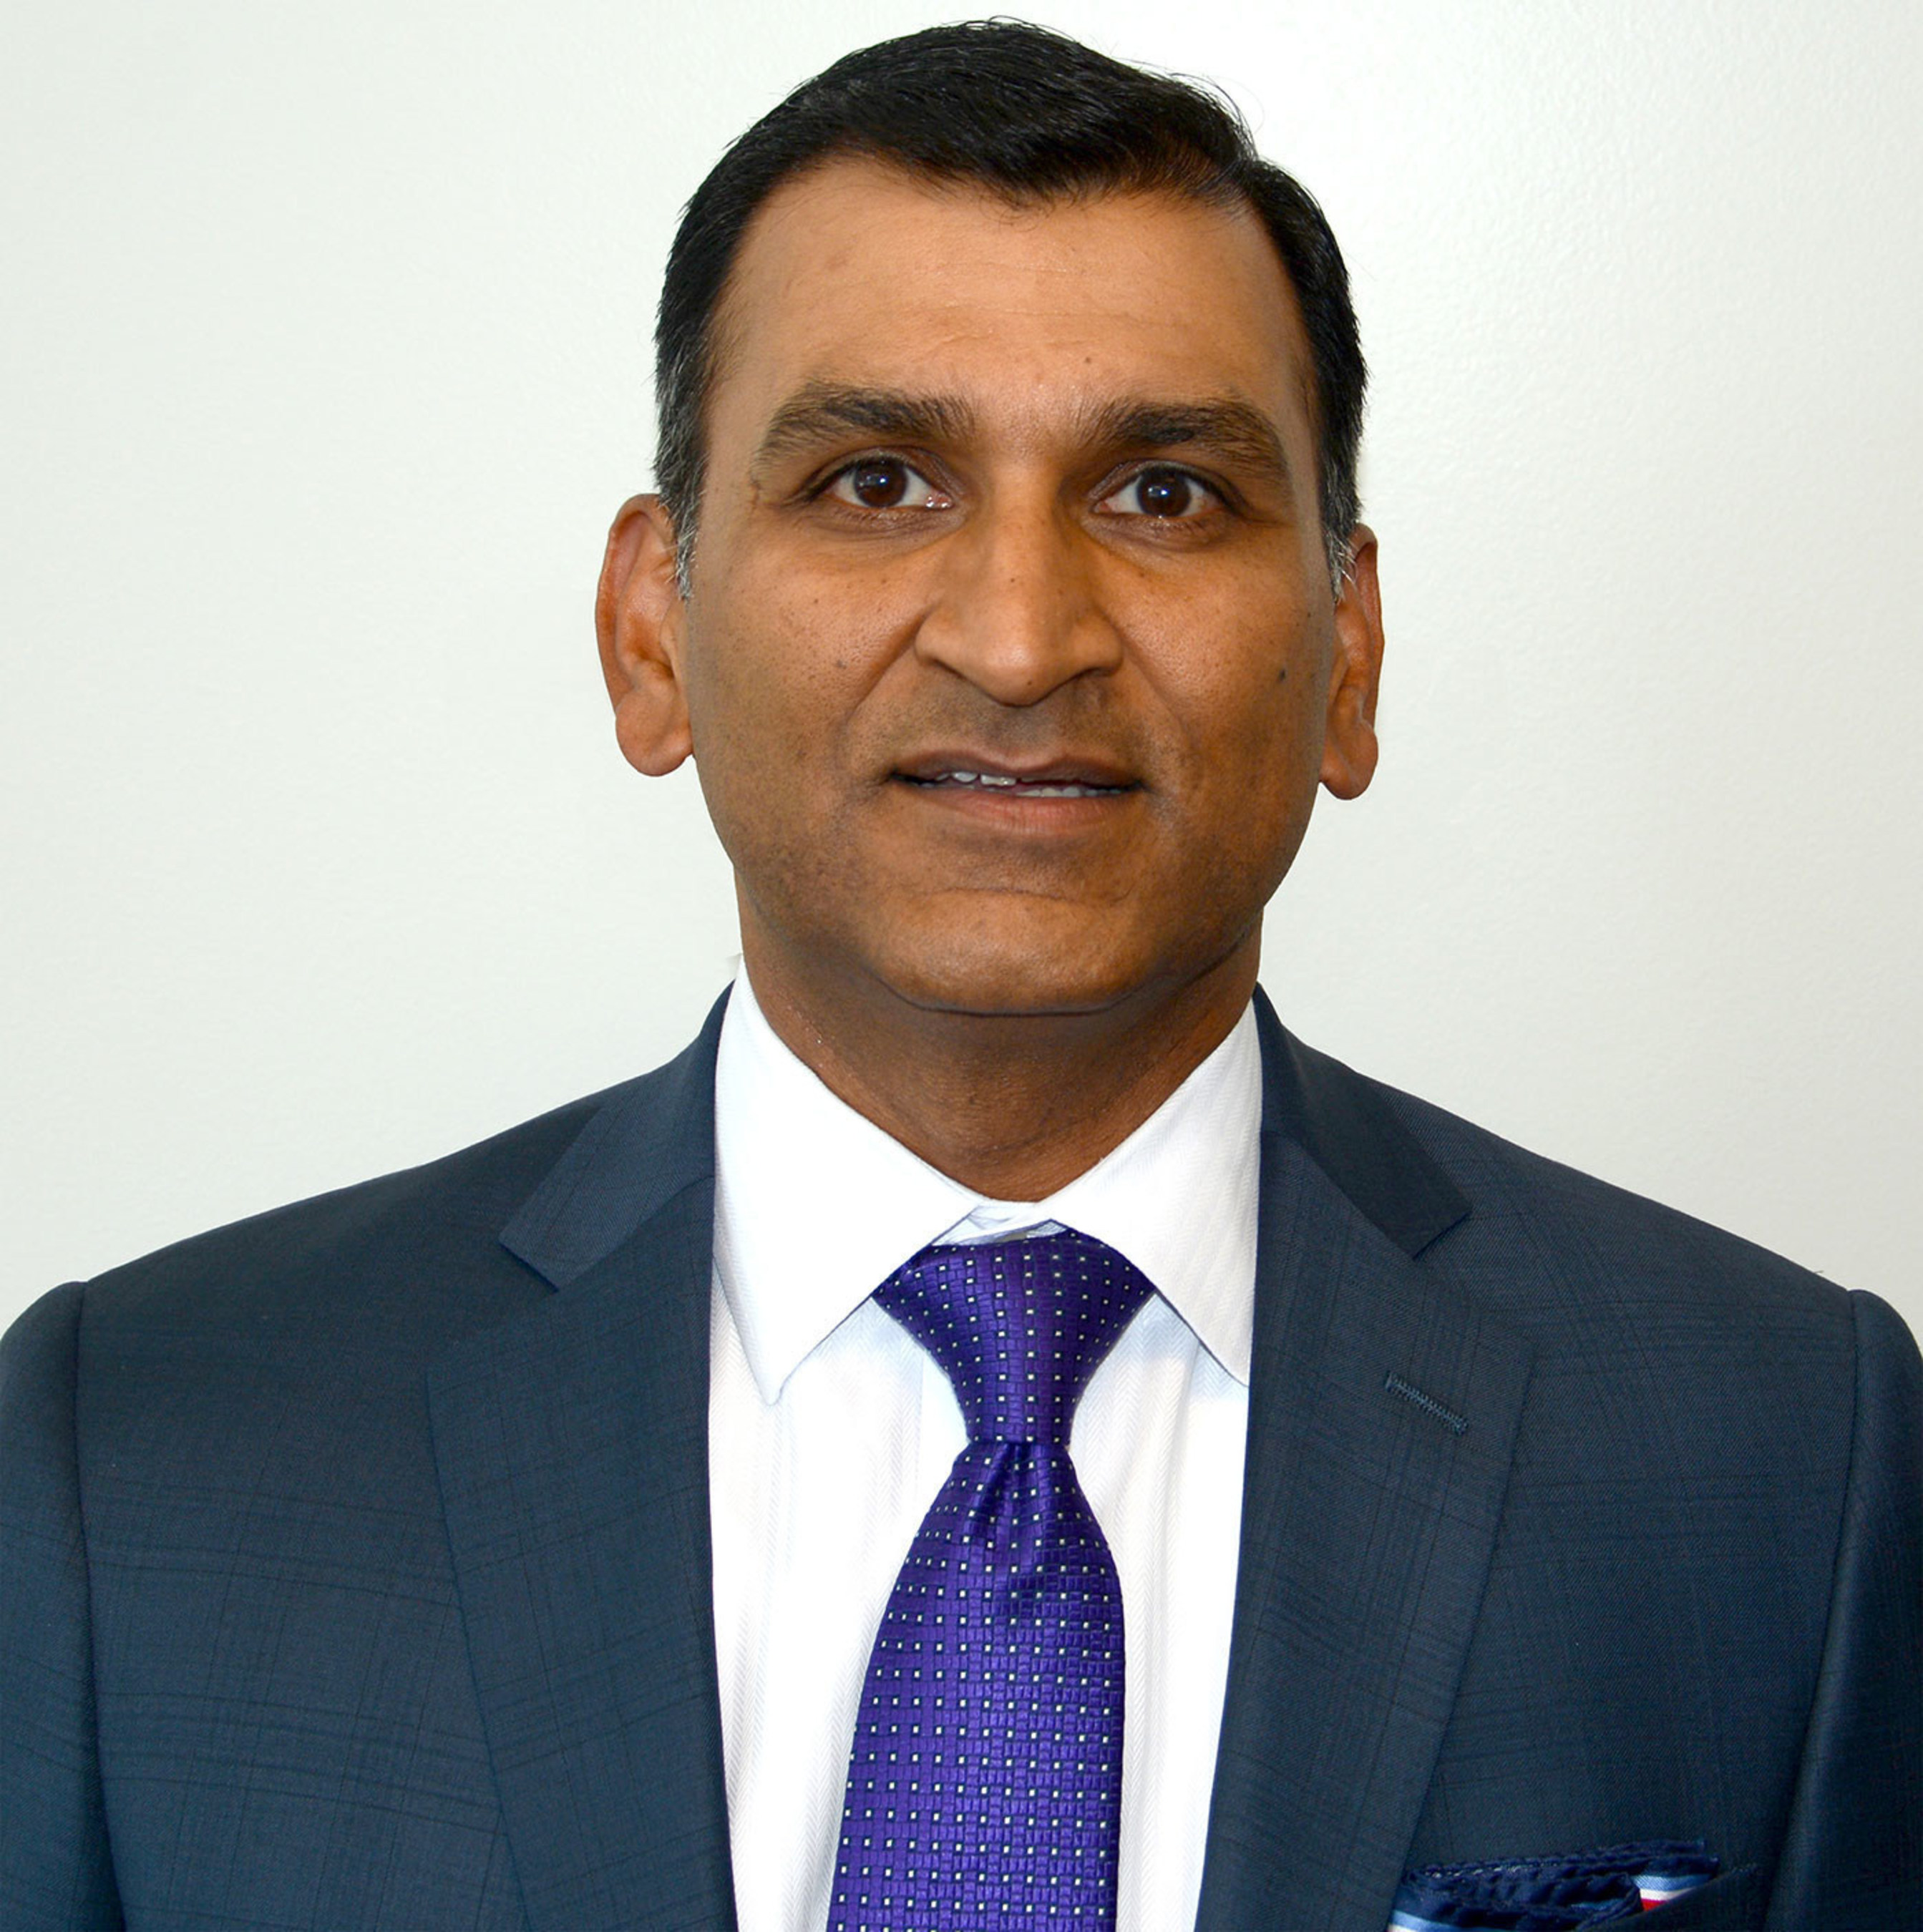 Zubair Rana, Chief Marketing Officer at PenFed.